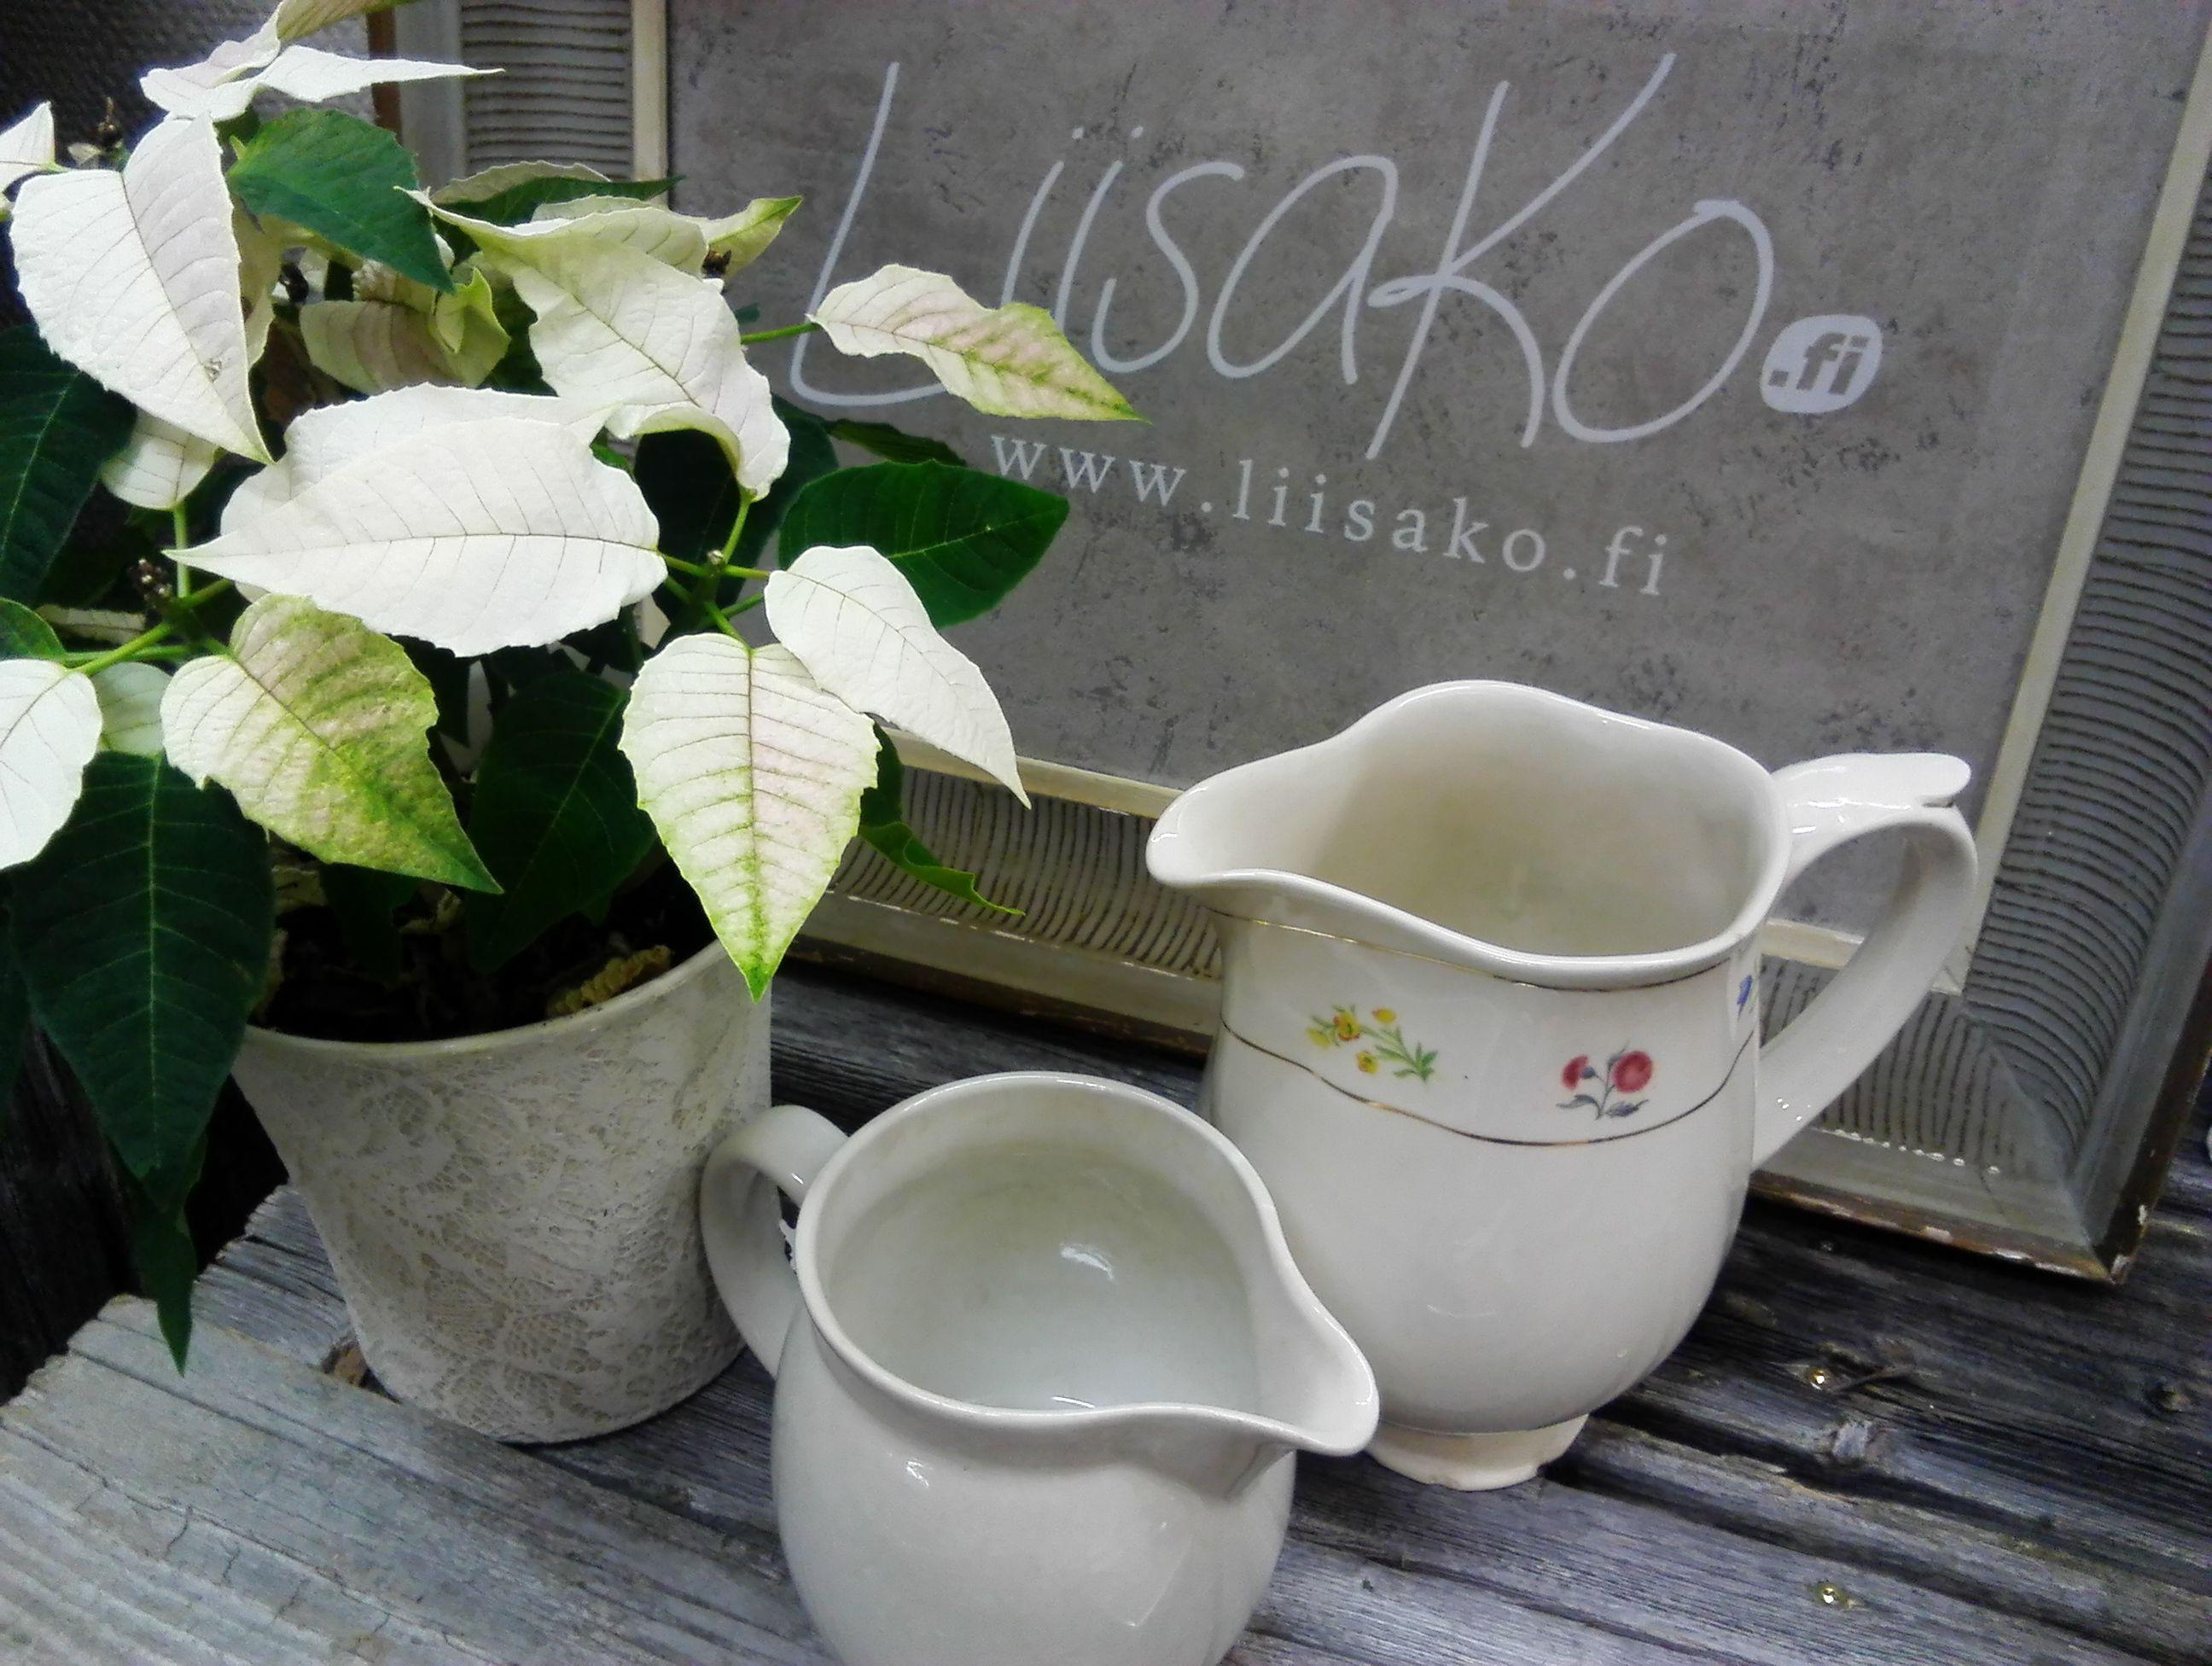 LiisaKon Puoti Puistolinnassa avoinna su 18.12.2016